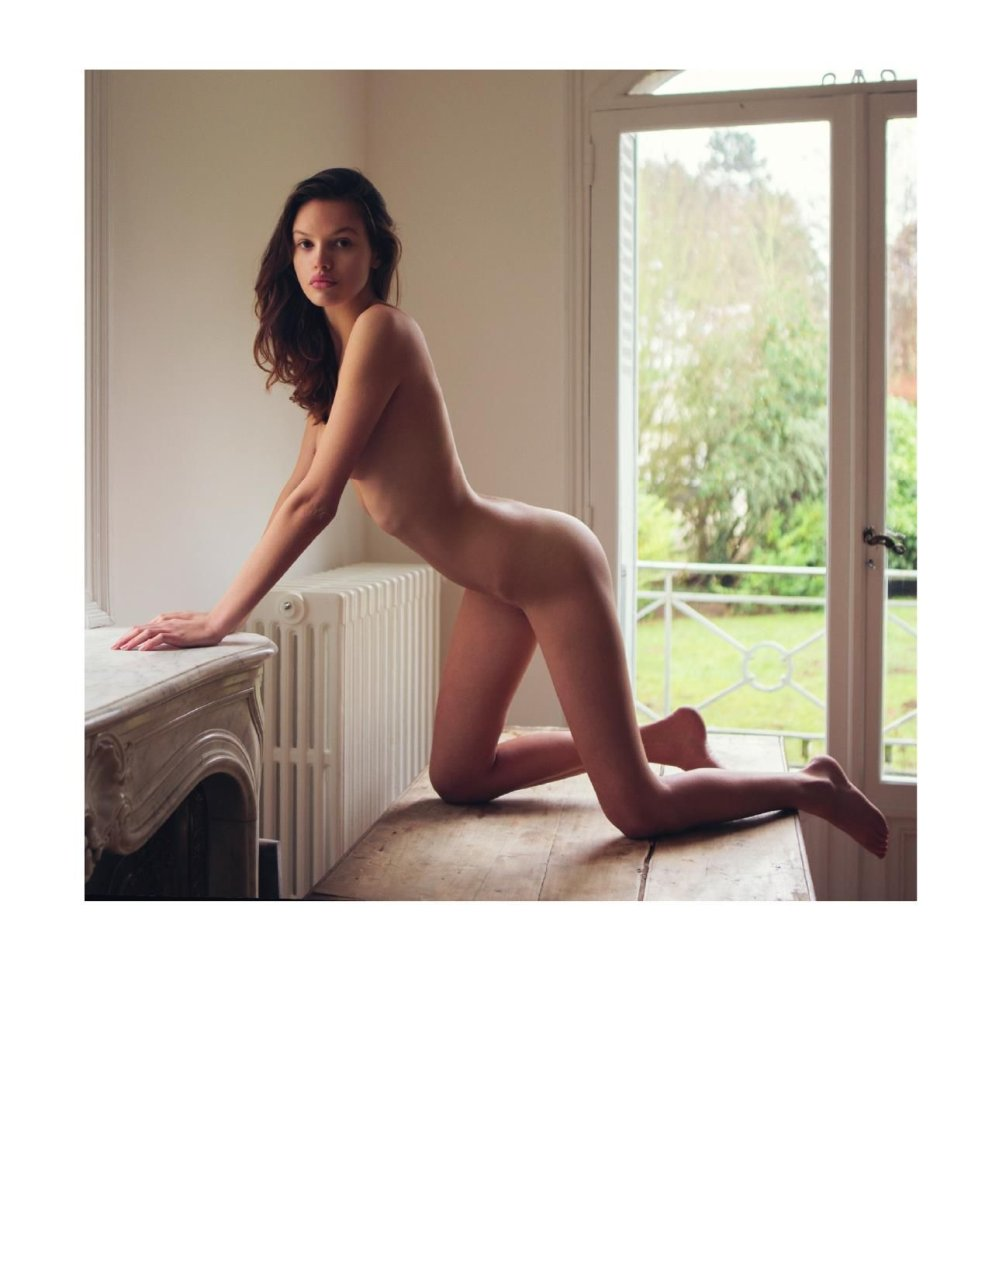 bianca nude